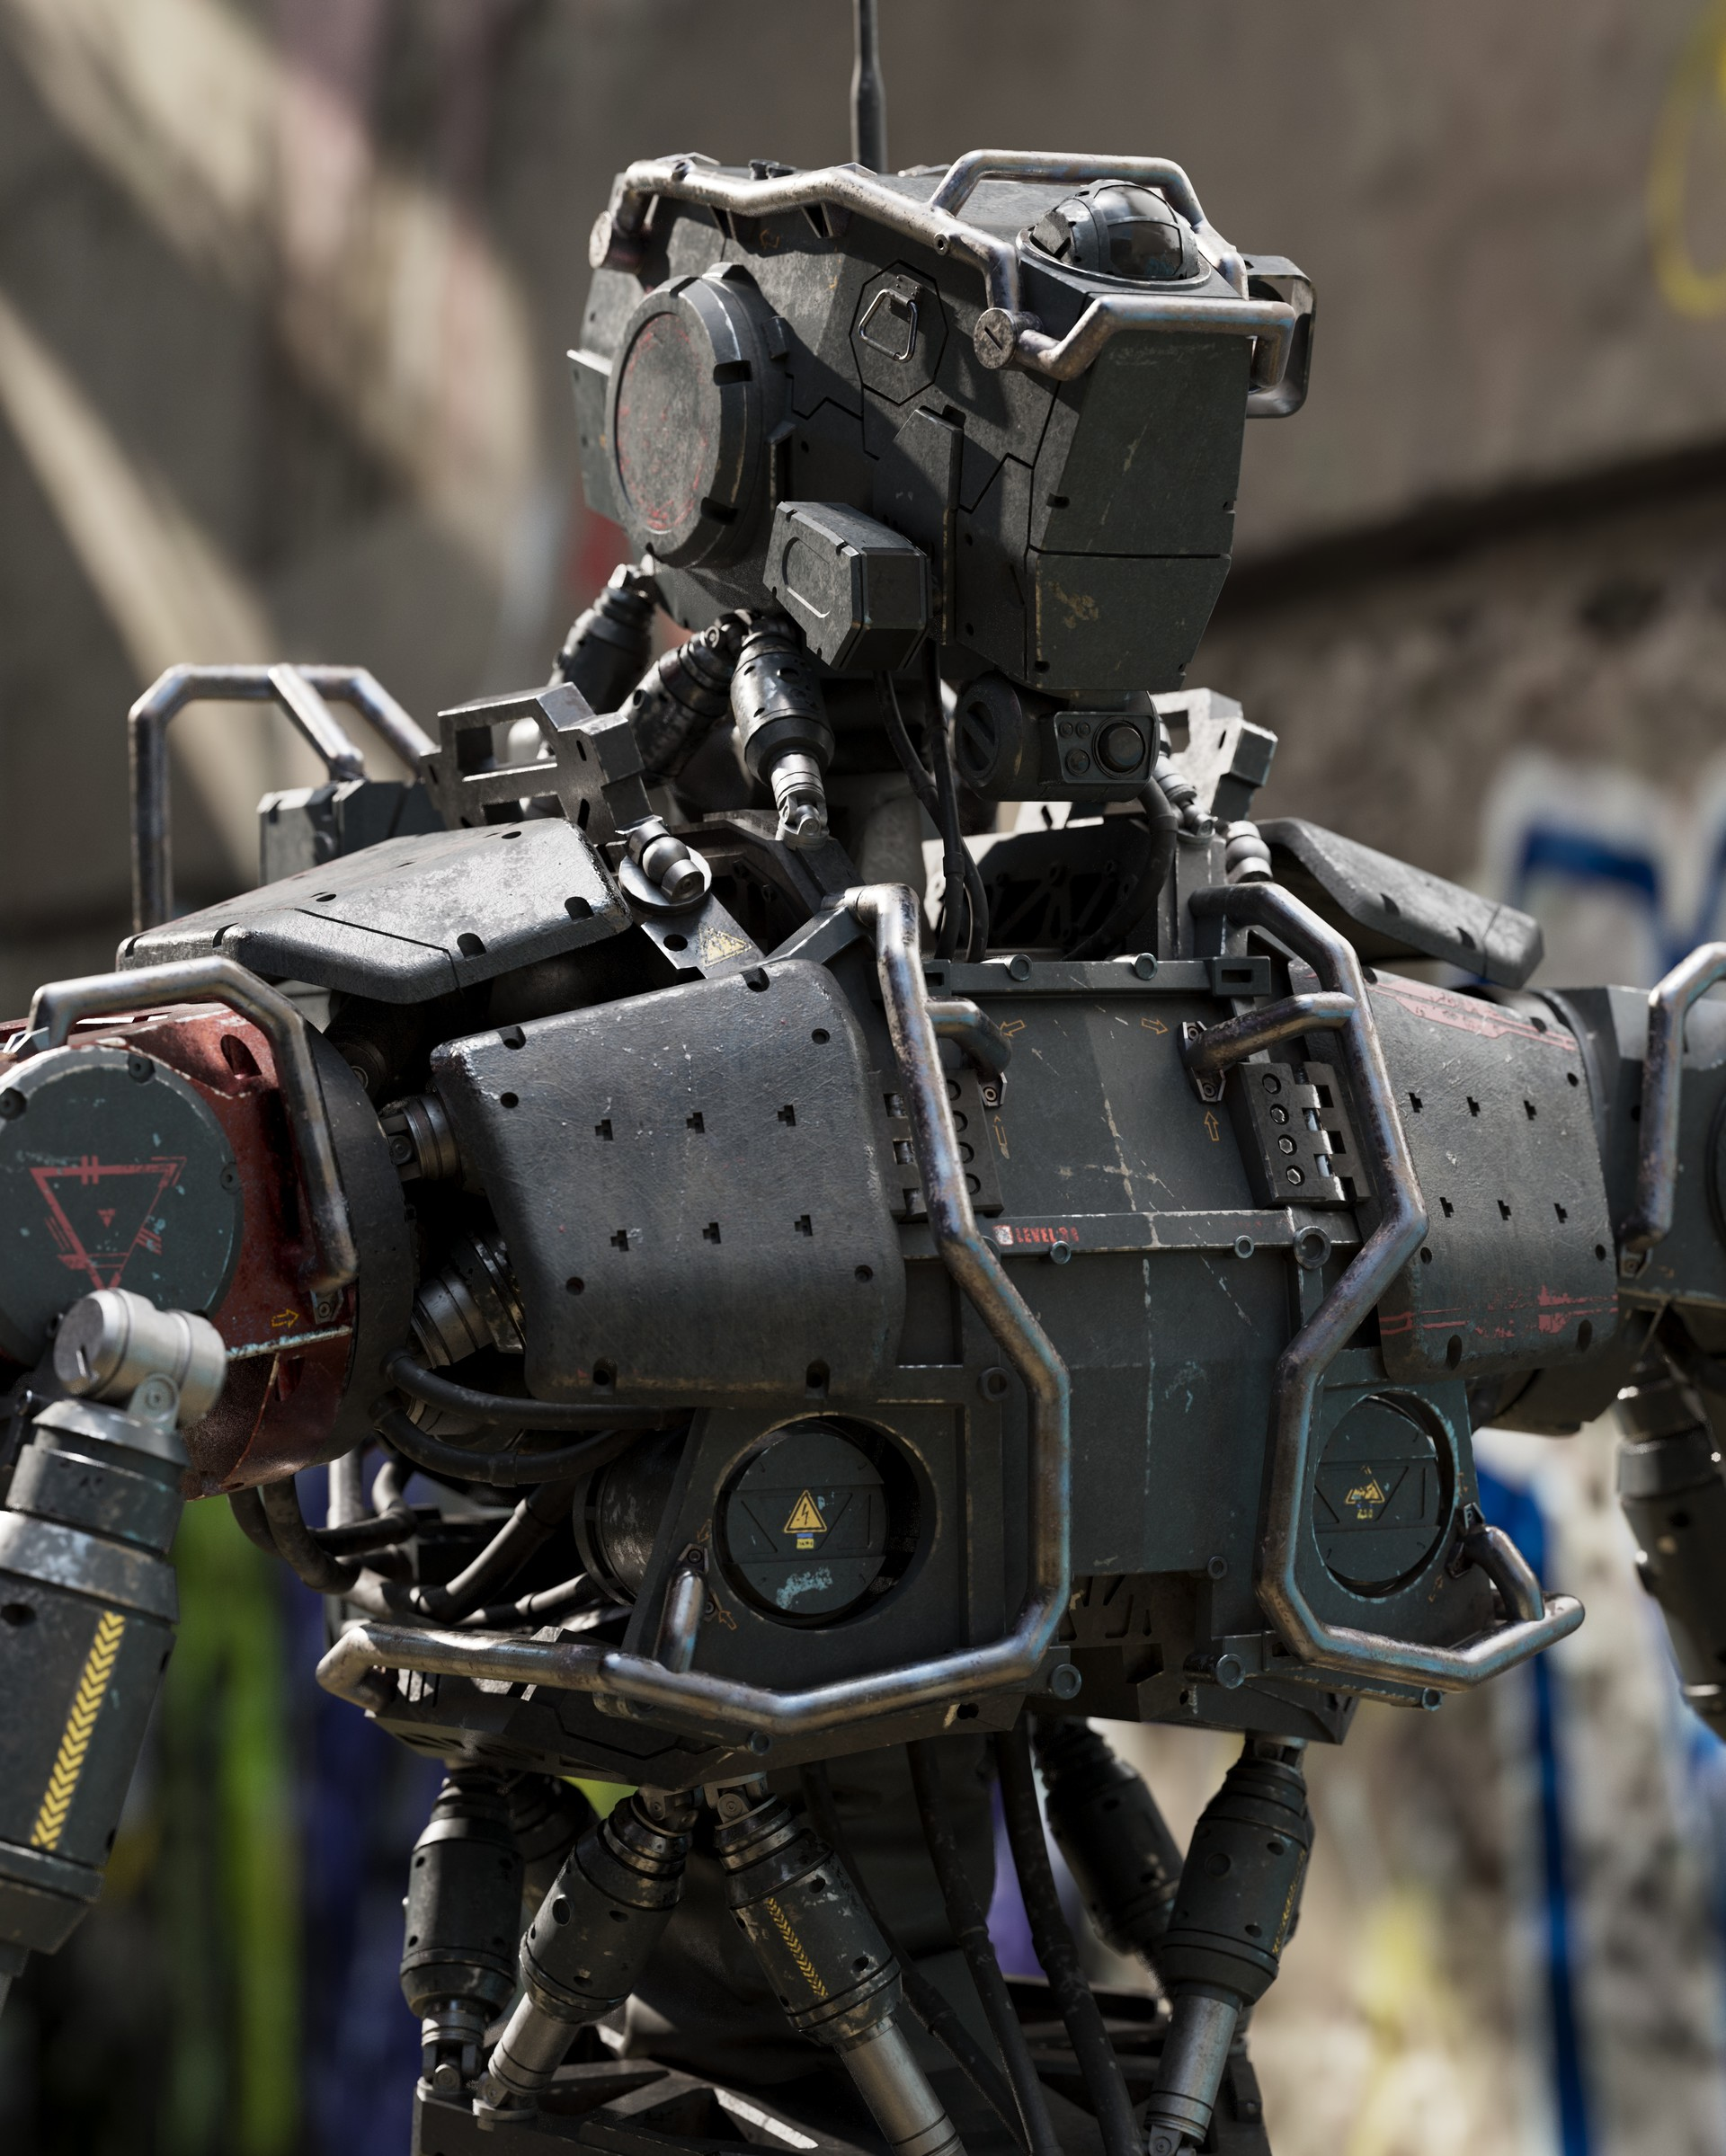 3d Wallpaper Avatar Artstation Robot Soldier Dusan Kovic